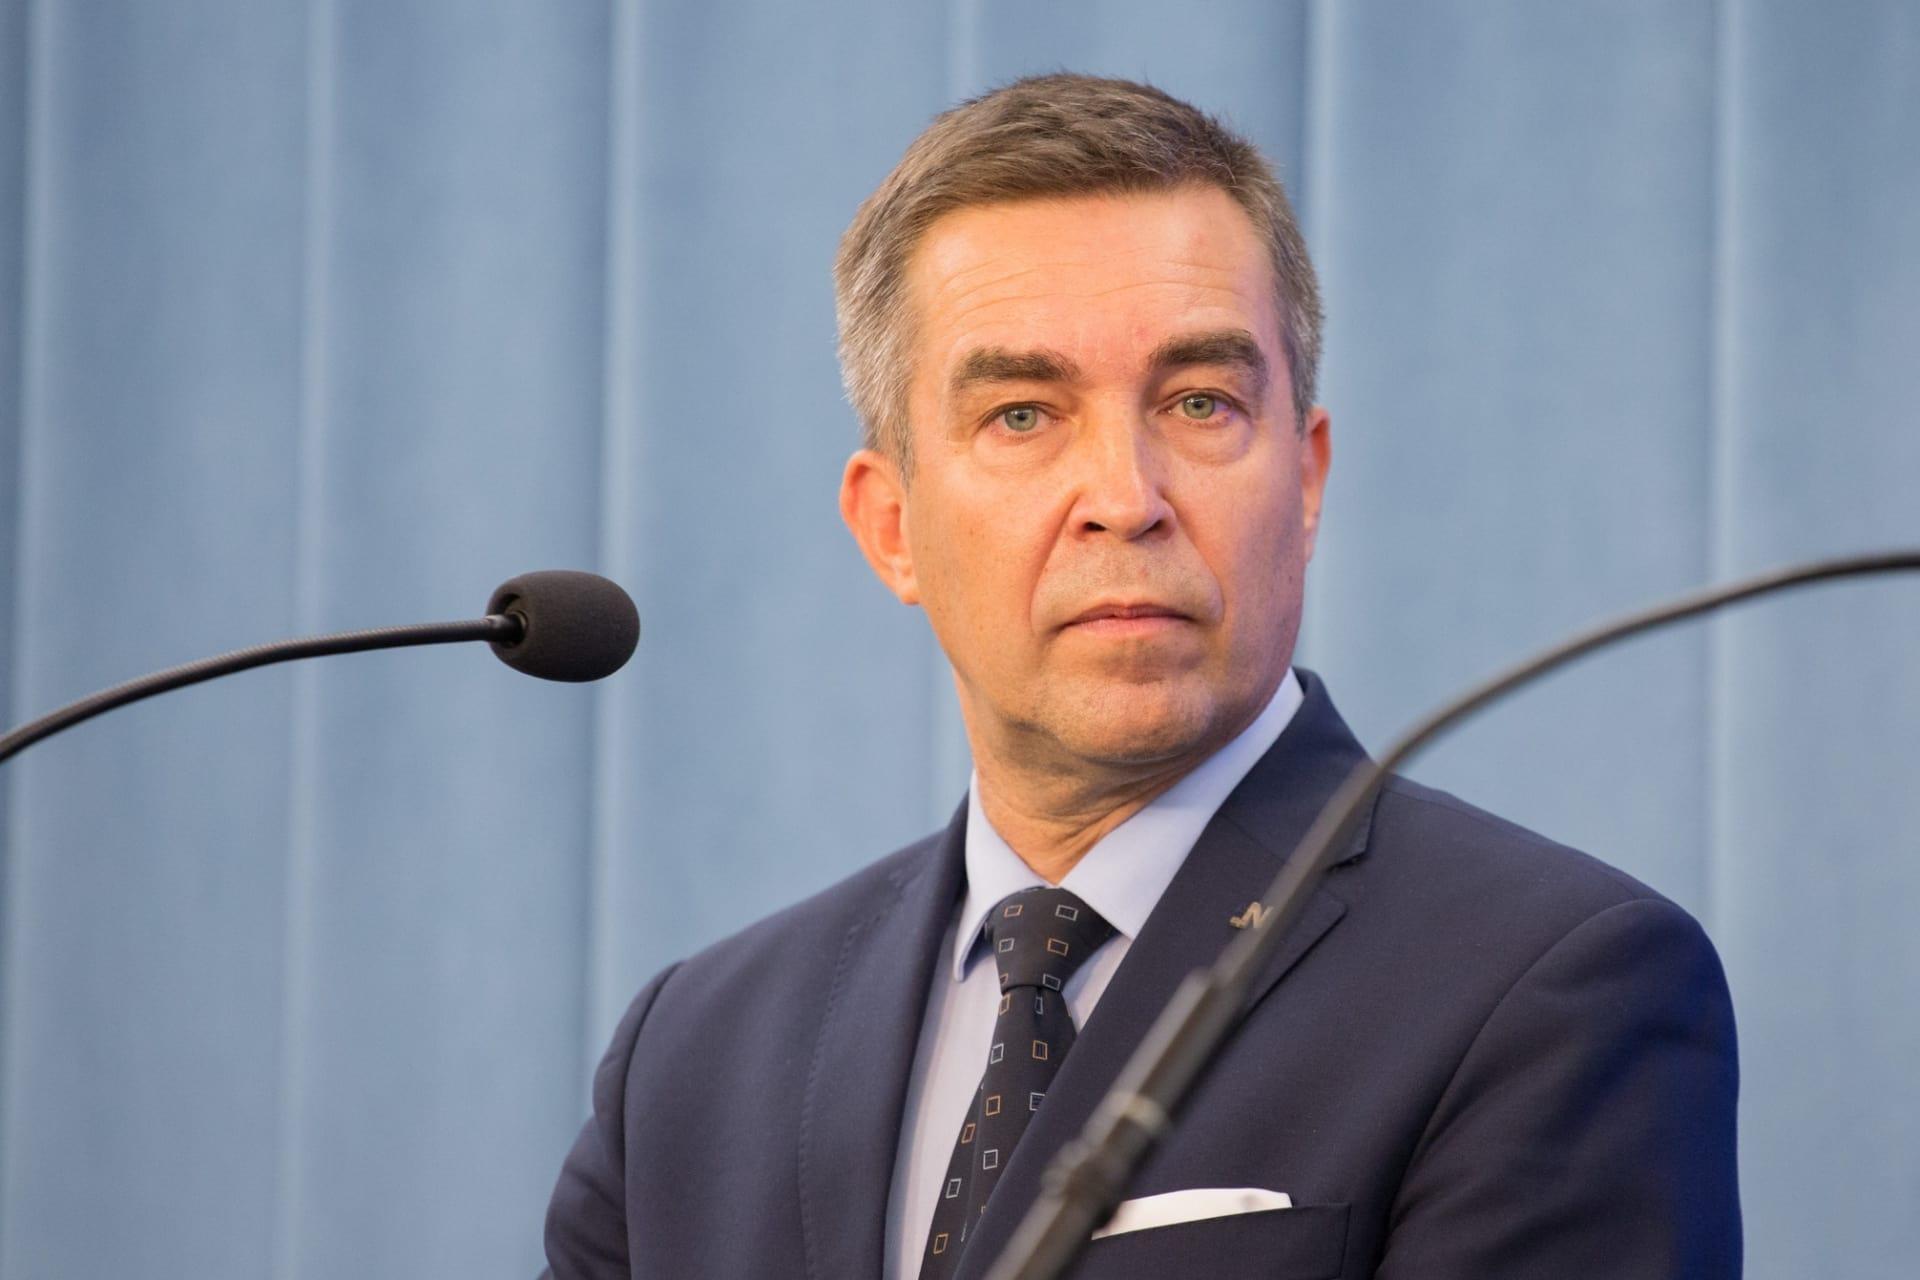 Szłapka, Gryglas Zembaczyński 25.10.2016. o zawłaszczaniu  państwa Nowoczesna (5)